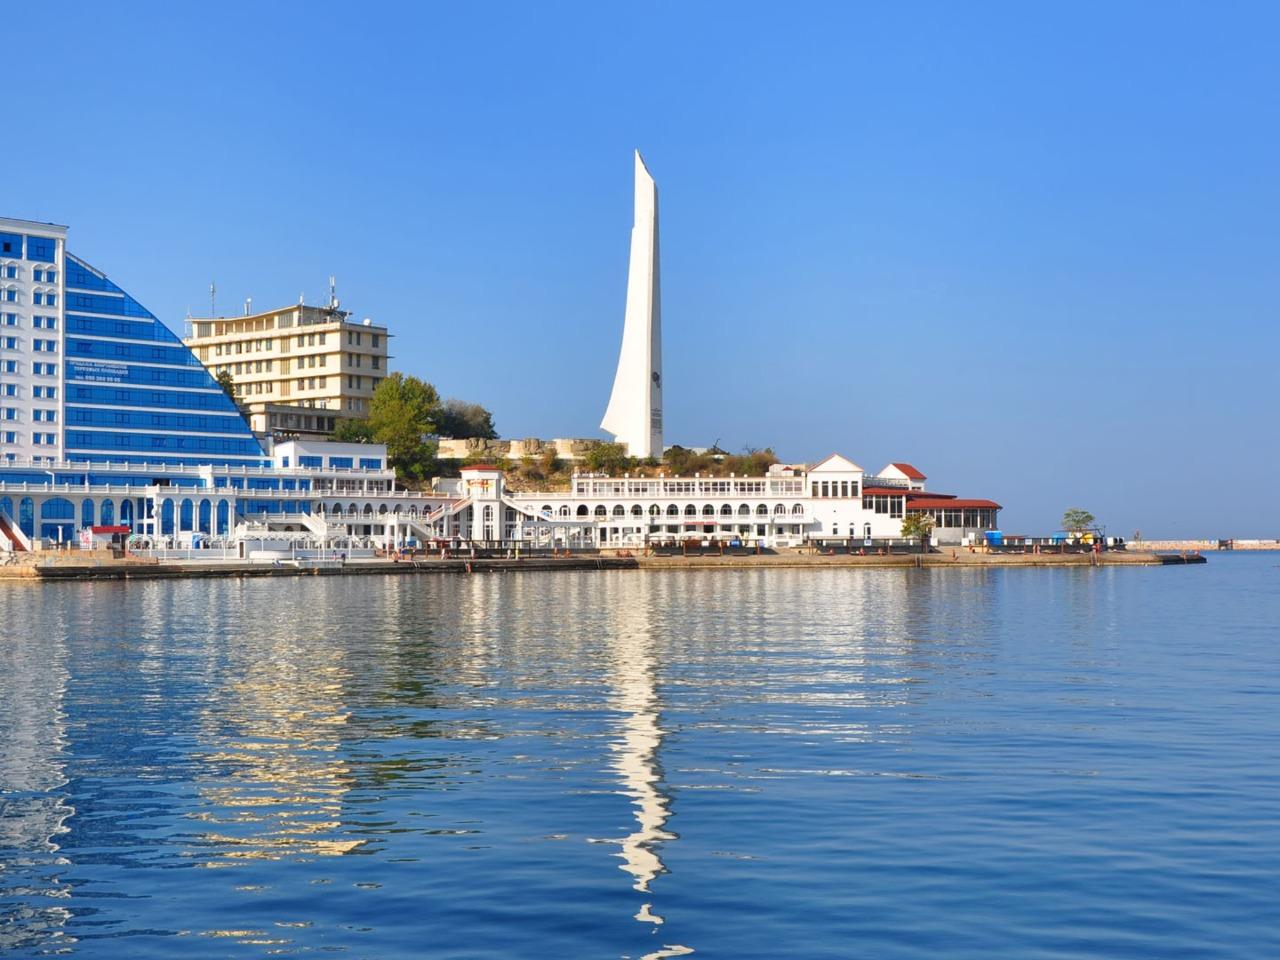 Многоликий Севастополь: вчера, сегодня, завтра - индивидуальная экскурсия в Ялте от опытного гида